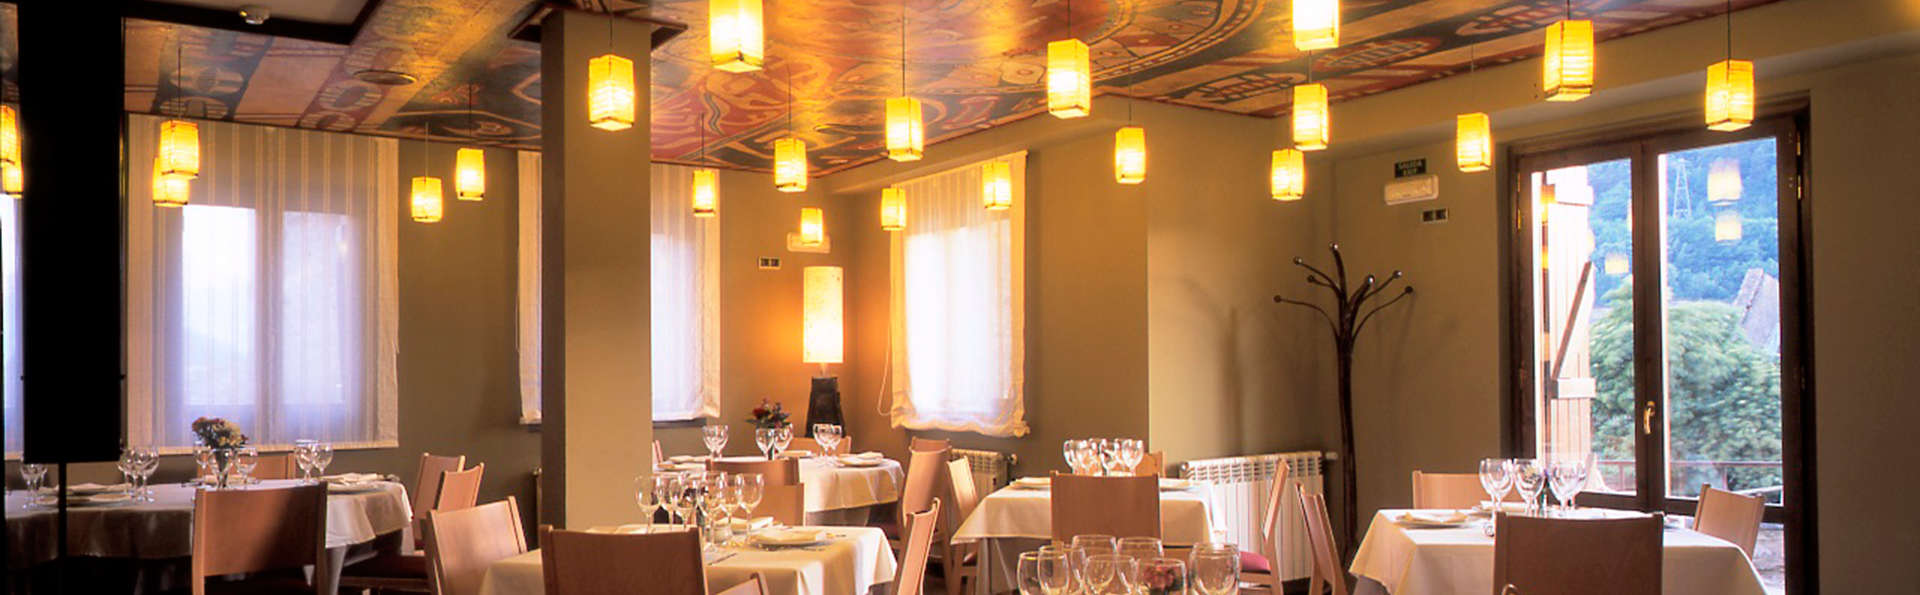 Hotel La Casueña - EDIT_restaurant.jpg